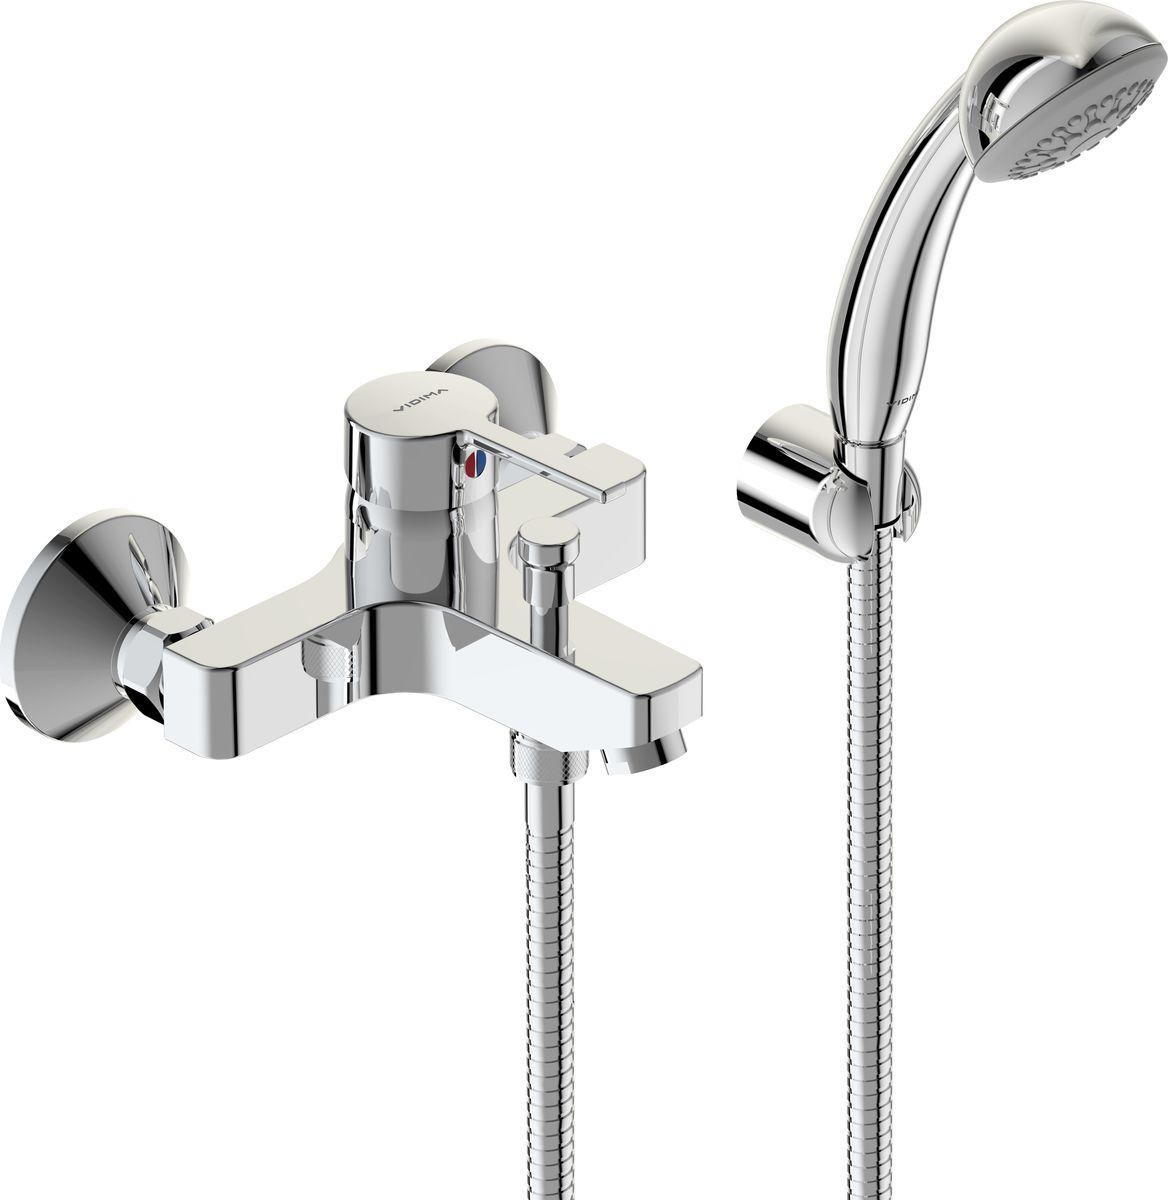 Смеситель для ванны и душа Vidima Логик, настенный, литой излив 152-157 мм, лейка 70 мм, цвет: хромBA279AAЛогик смеситель для ванны/душа, настенный, литой излив 152-157мм, лейка 70мм, держате BA279AA